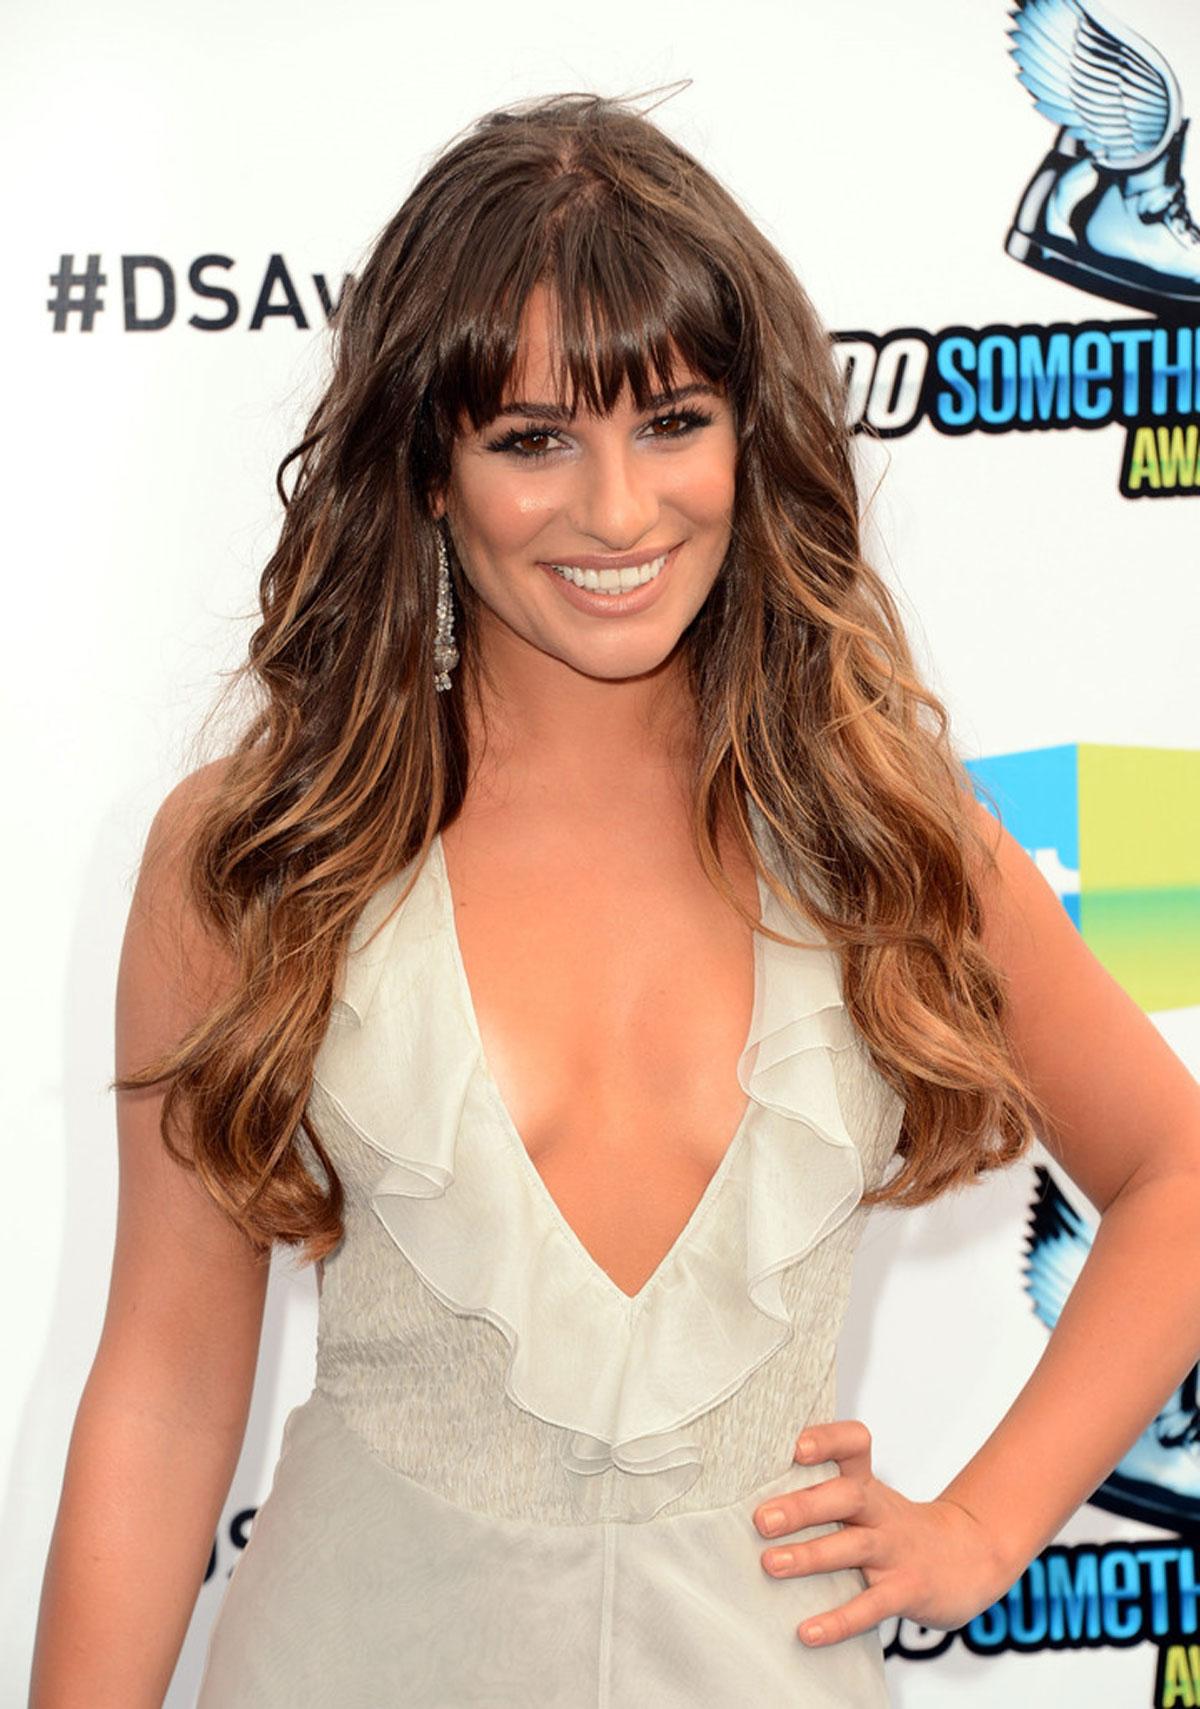 Lea Michele en robe très décolletée